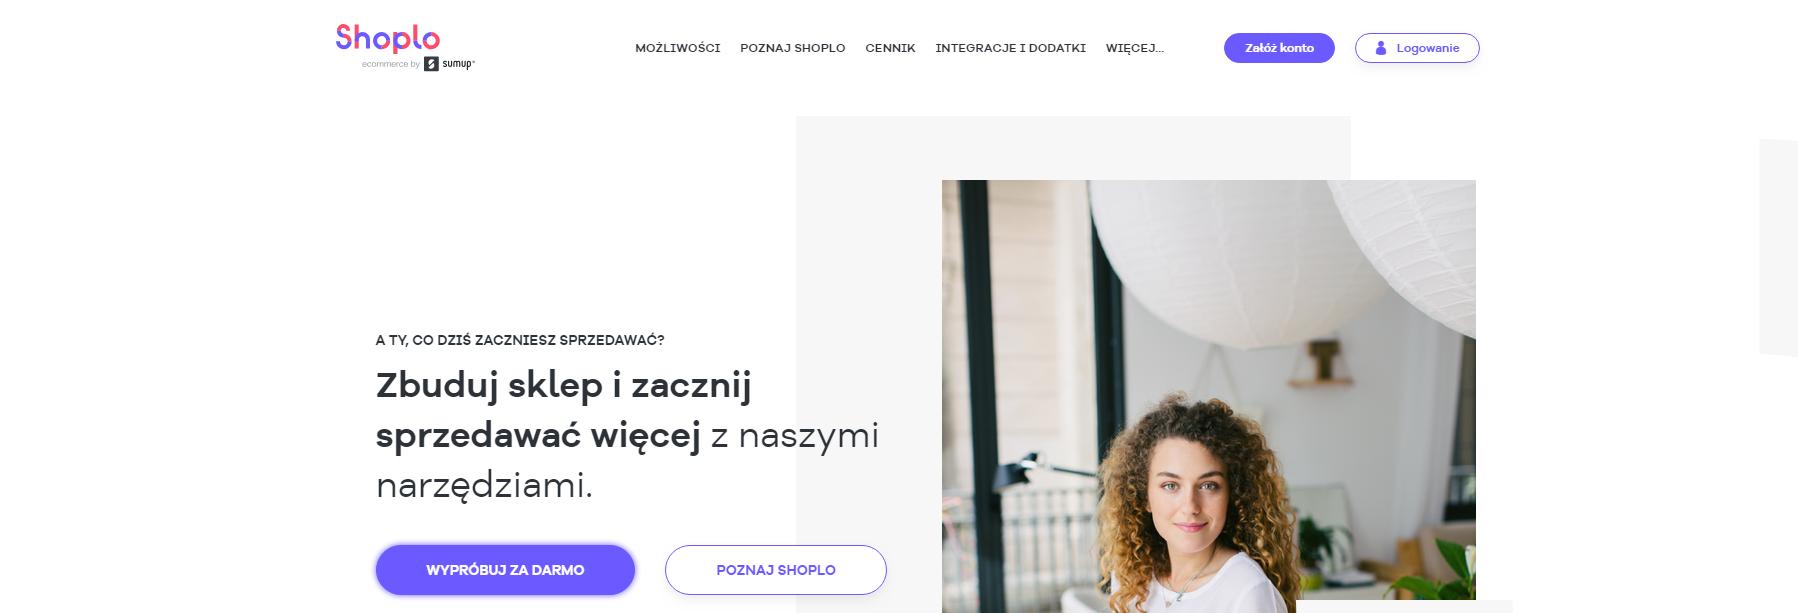 Platforma SaaS Shoplo